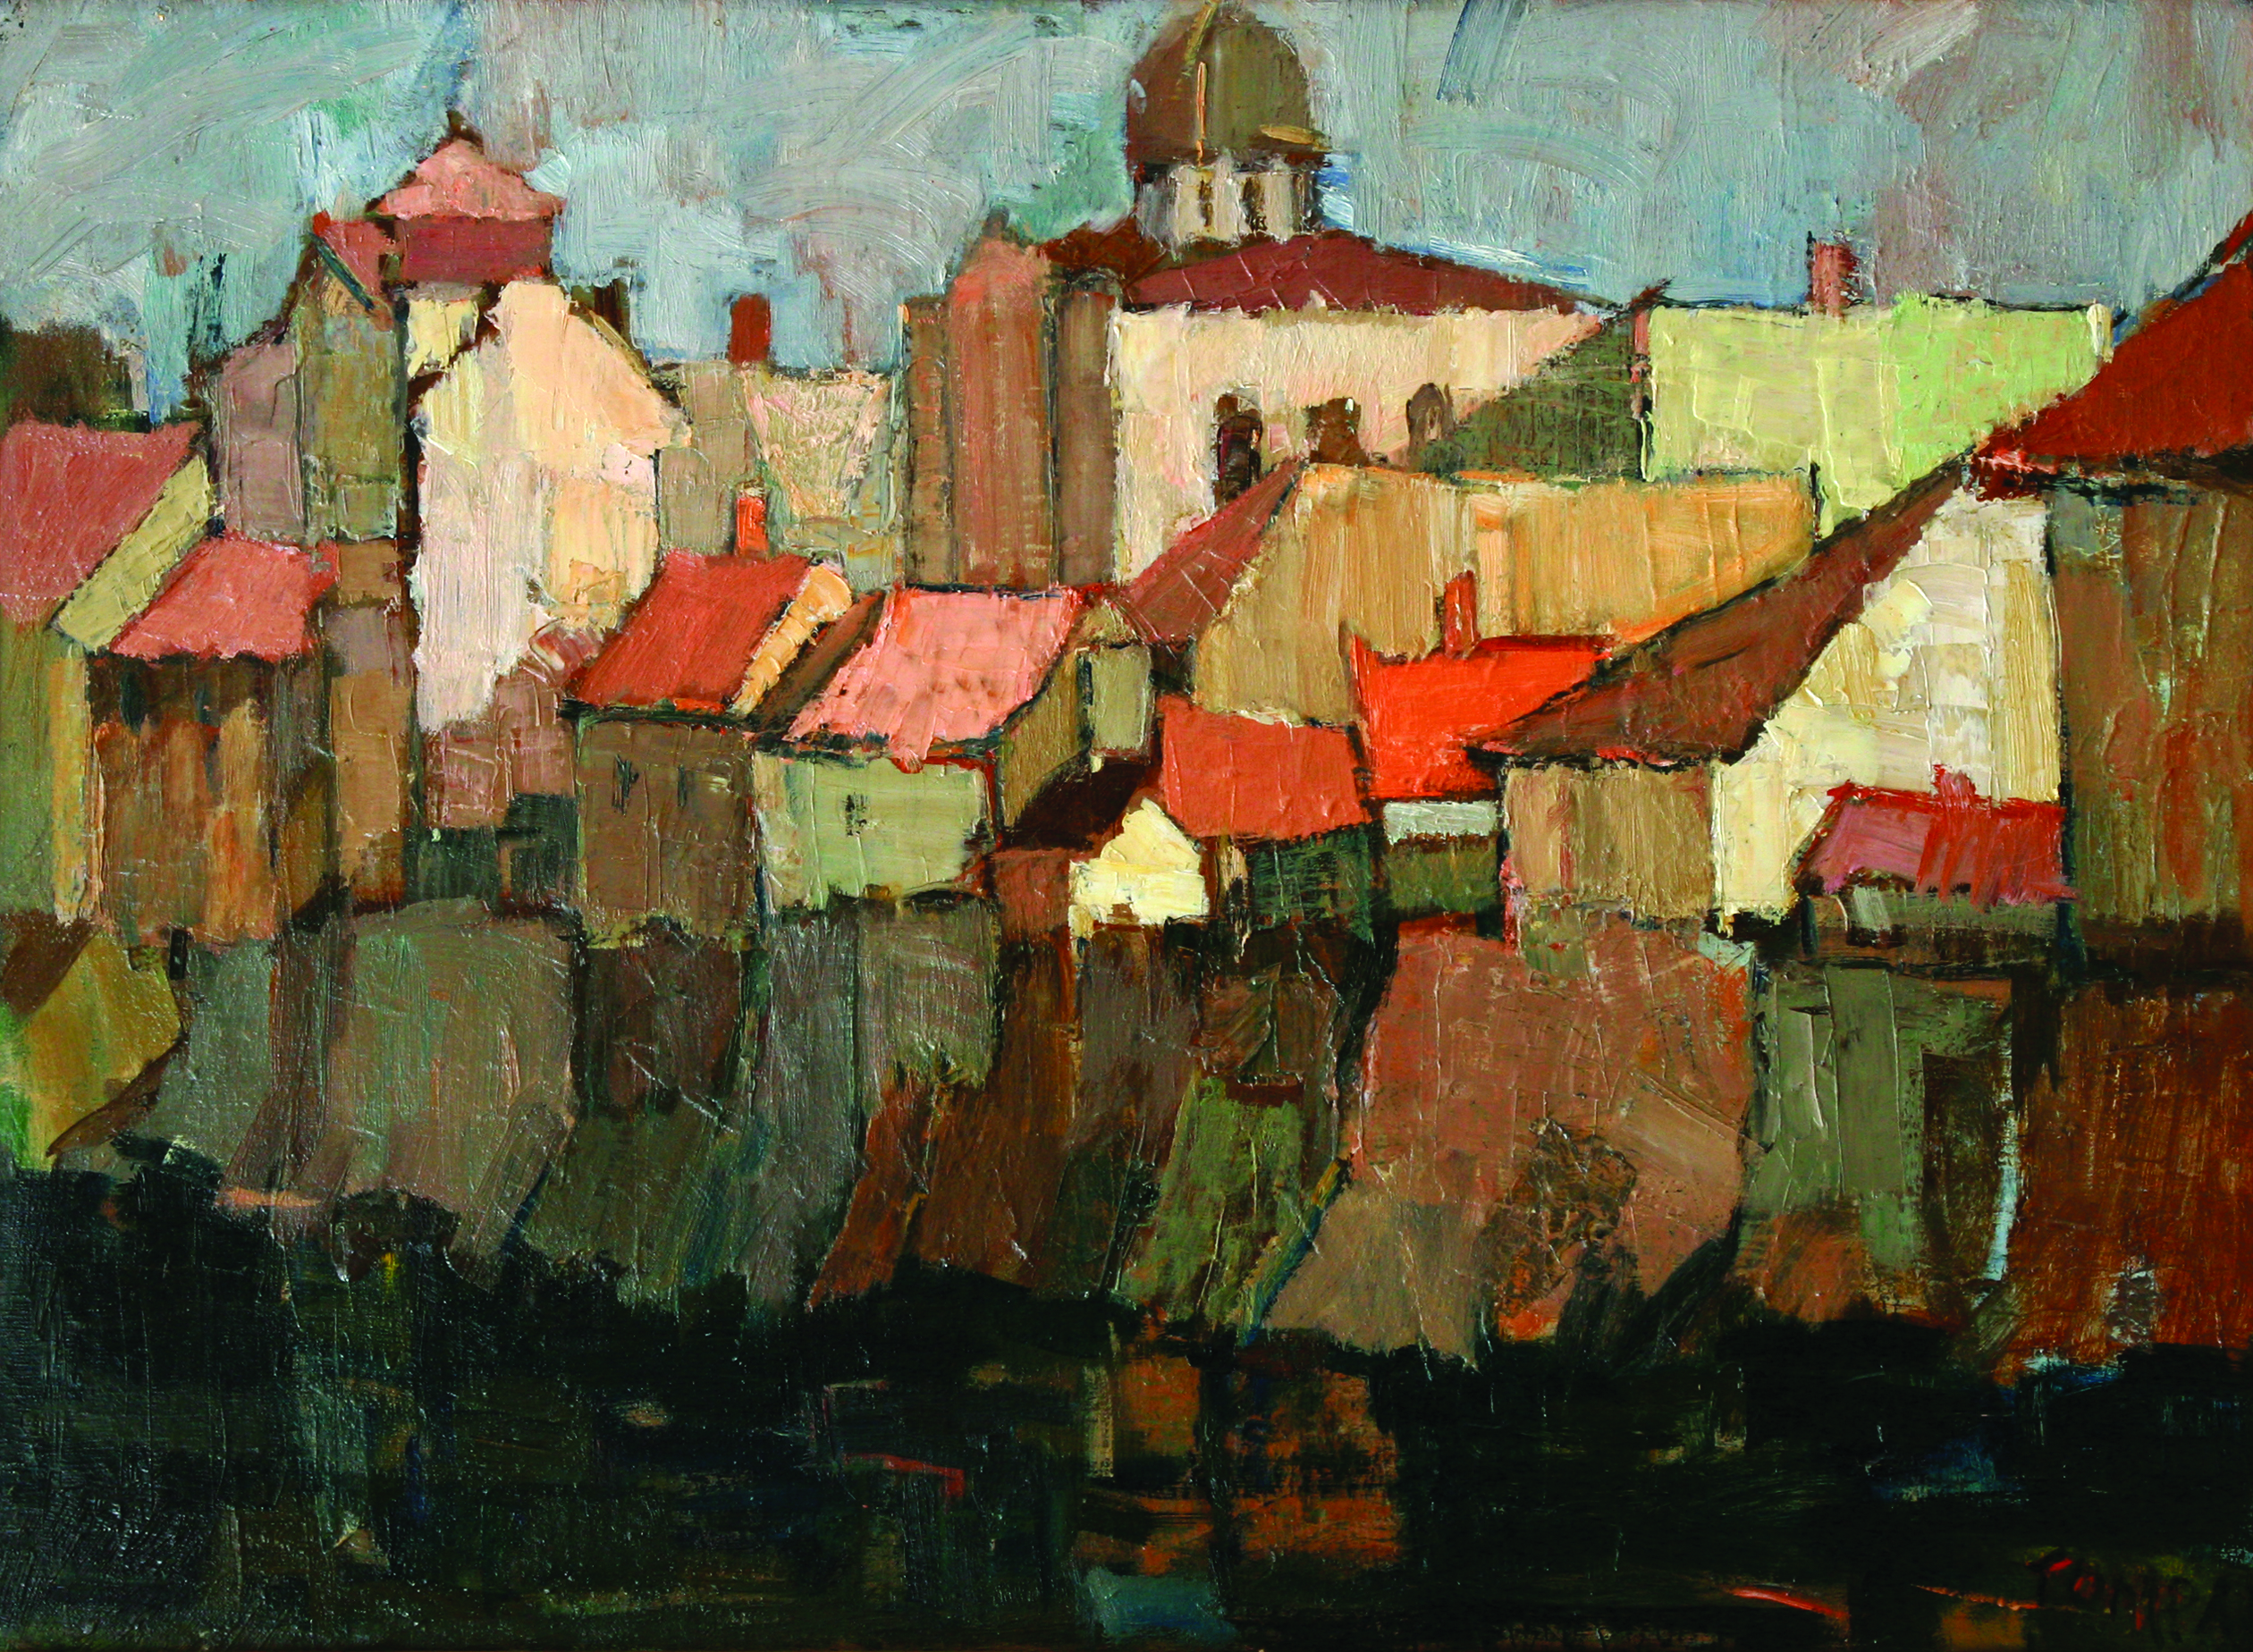 Expoziţia Pictori şi sculptori orădeni din colecțiile Muzeului Țării Crișurilor  (1950-1980)